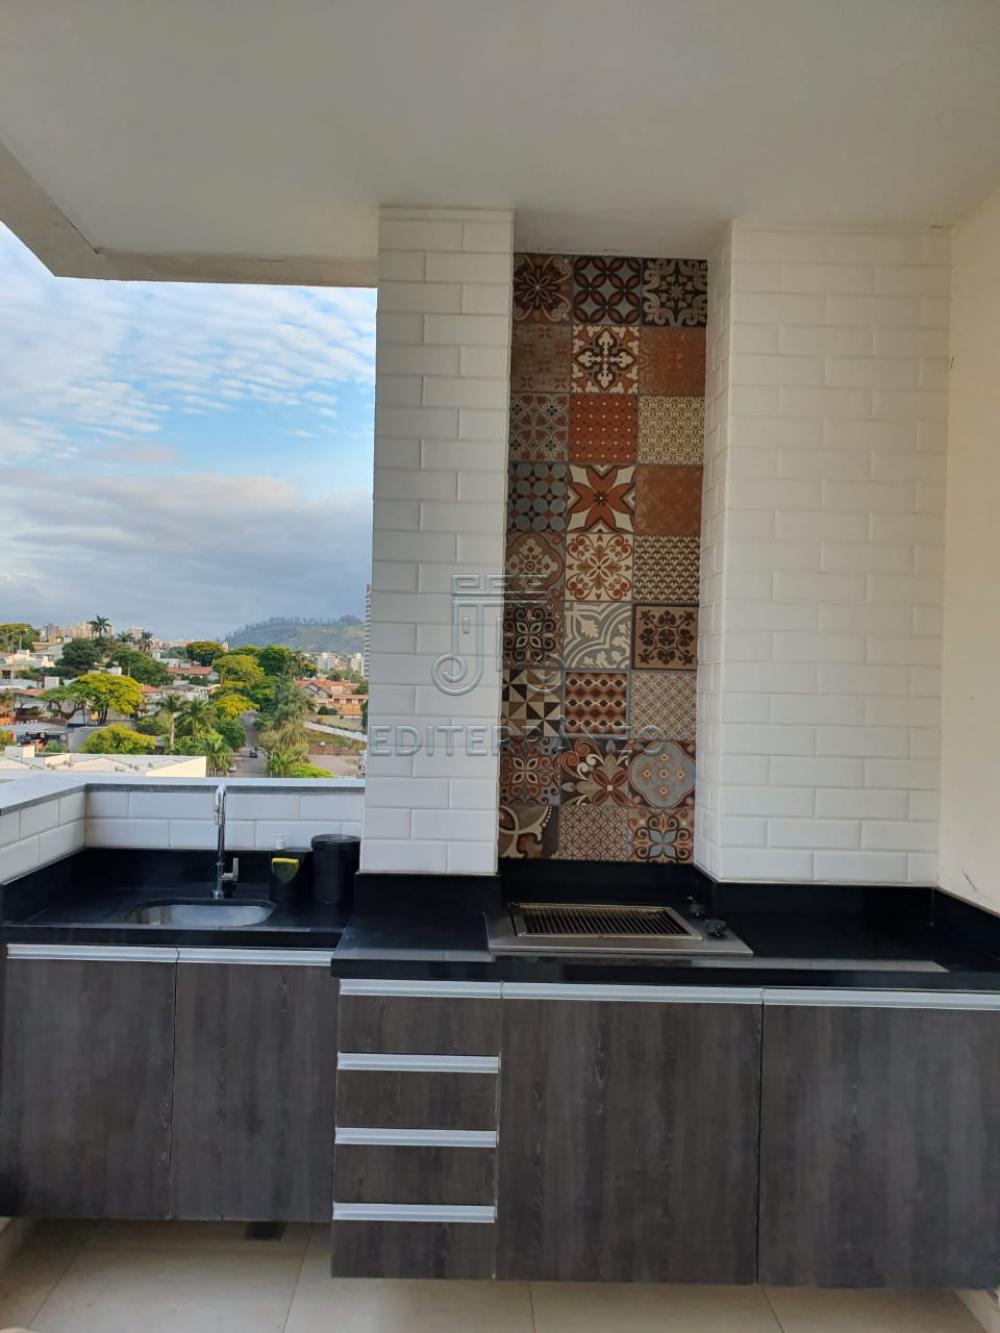 Comprar Apartamento / Padrão em Jundiaí apenas R$ 1.490.000,00 - Foto 1